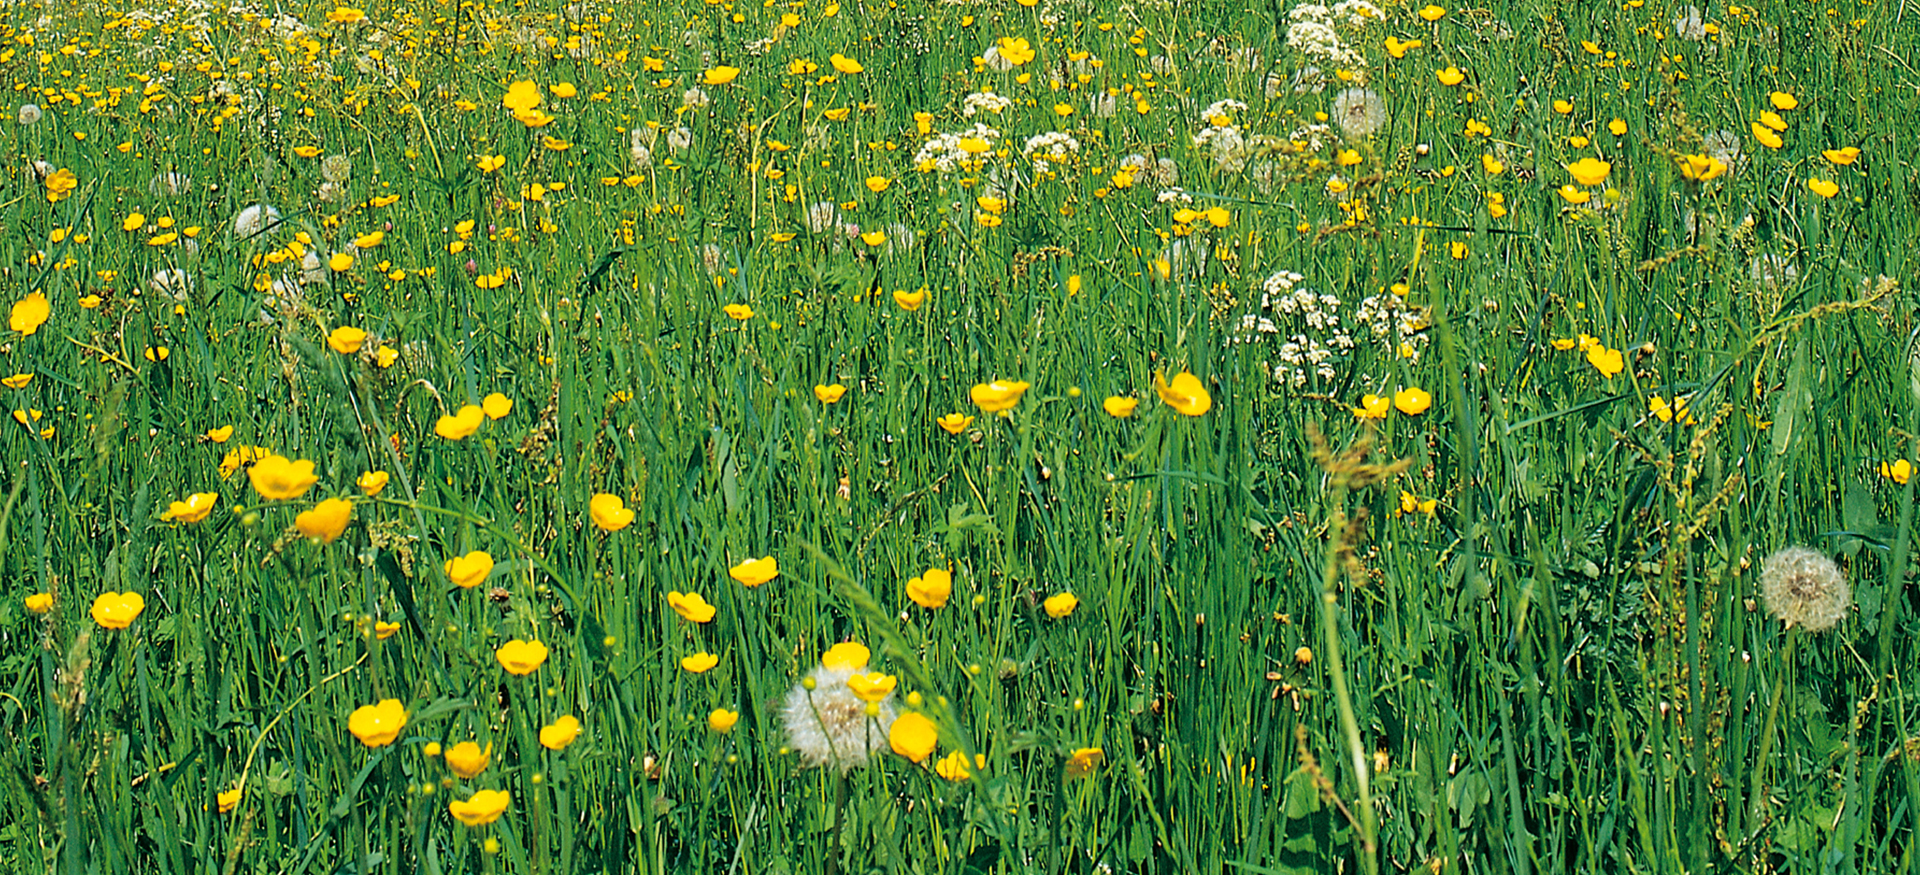 Löwenzahnwiese mit gelben Blüten und einigen Pusteblumen